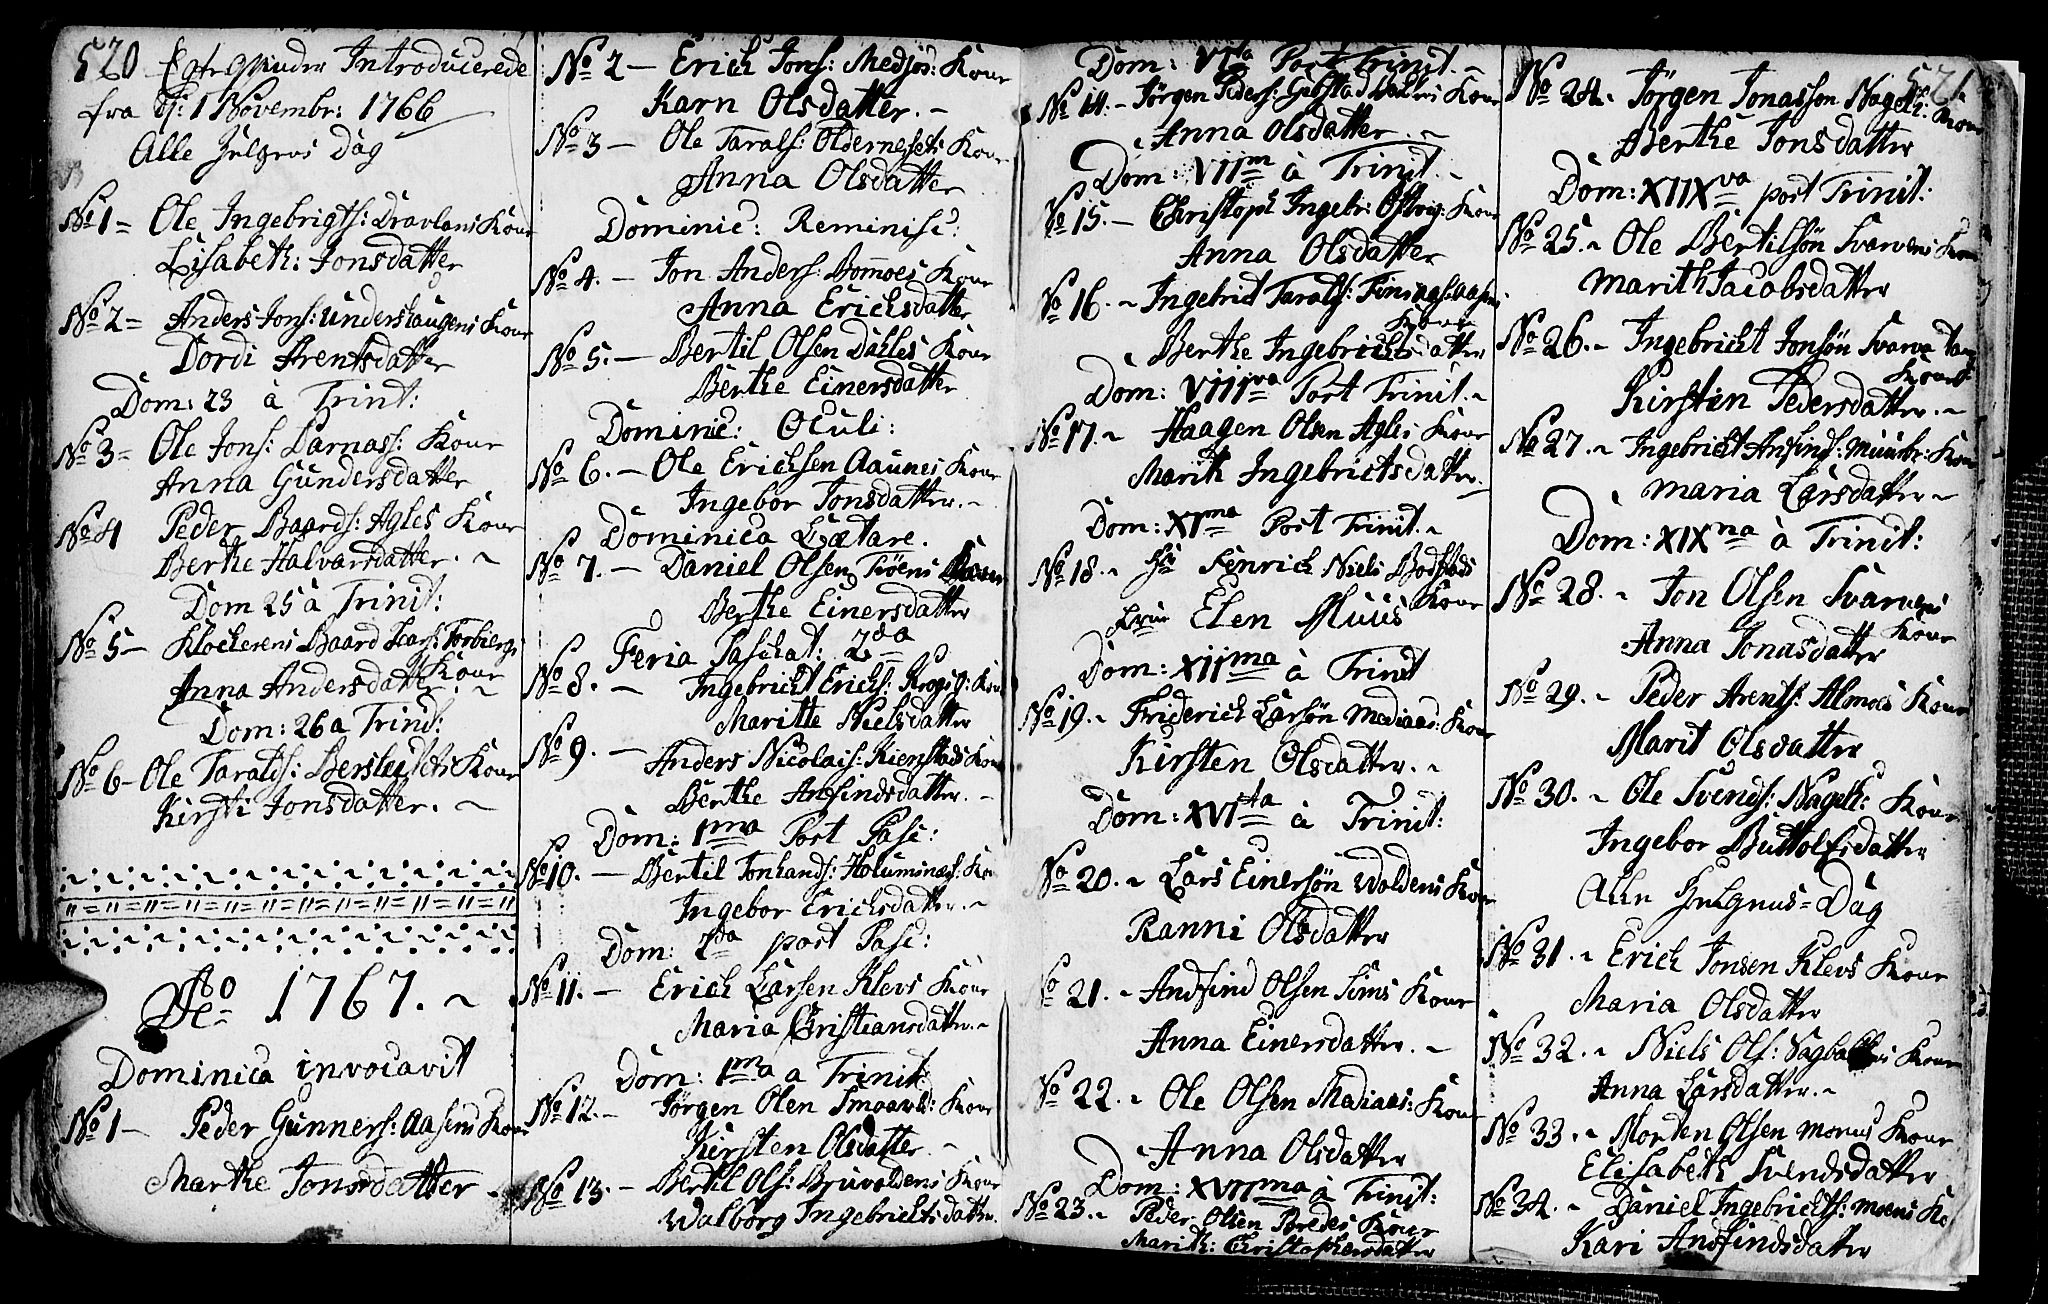 SAT, Ministerialprotokoller, klokkerbøker og fødselsregistre - Nord-Trøndelag, 749/L0467: Ministerialbok nr. 749A01, 1733-1787, s. 520-521